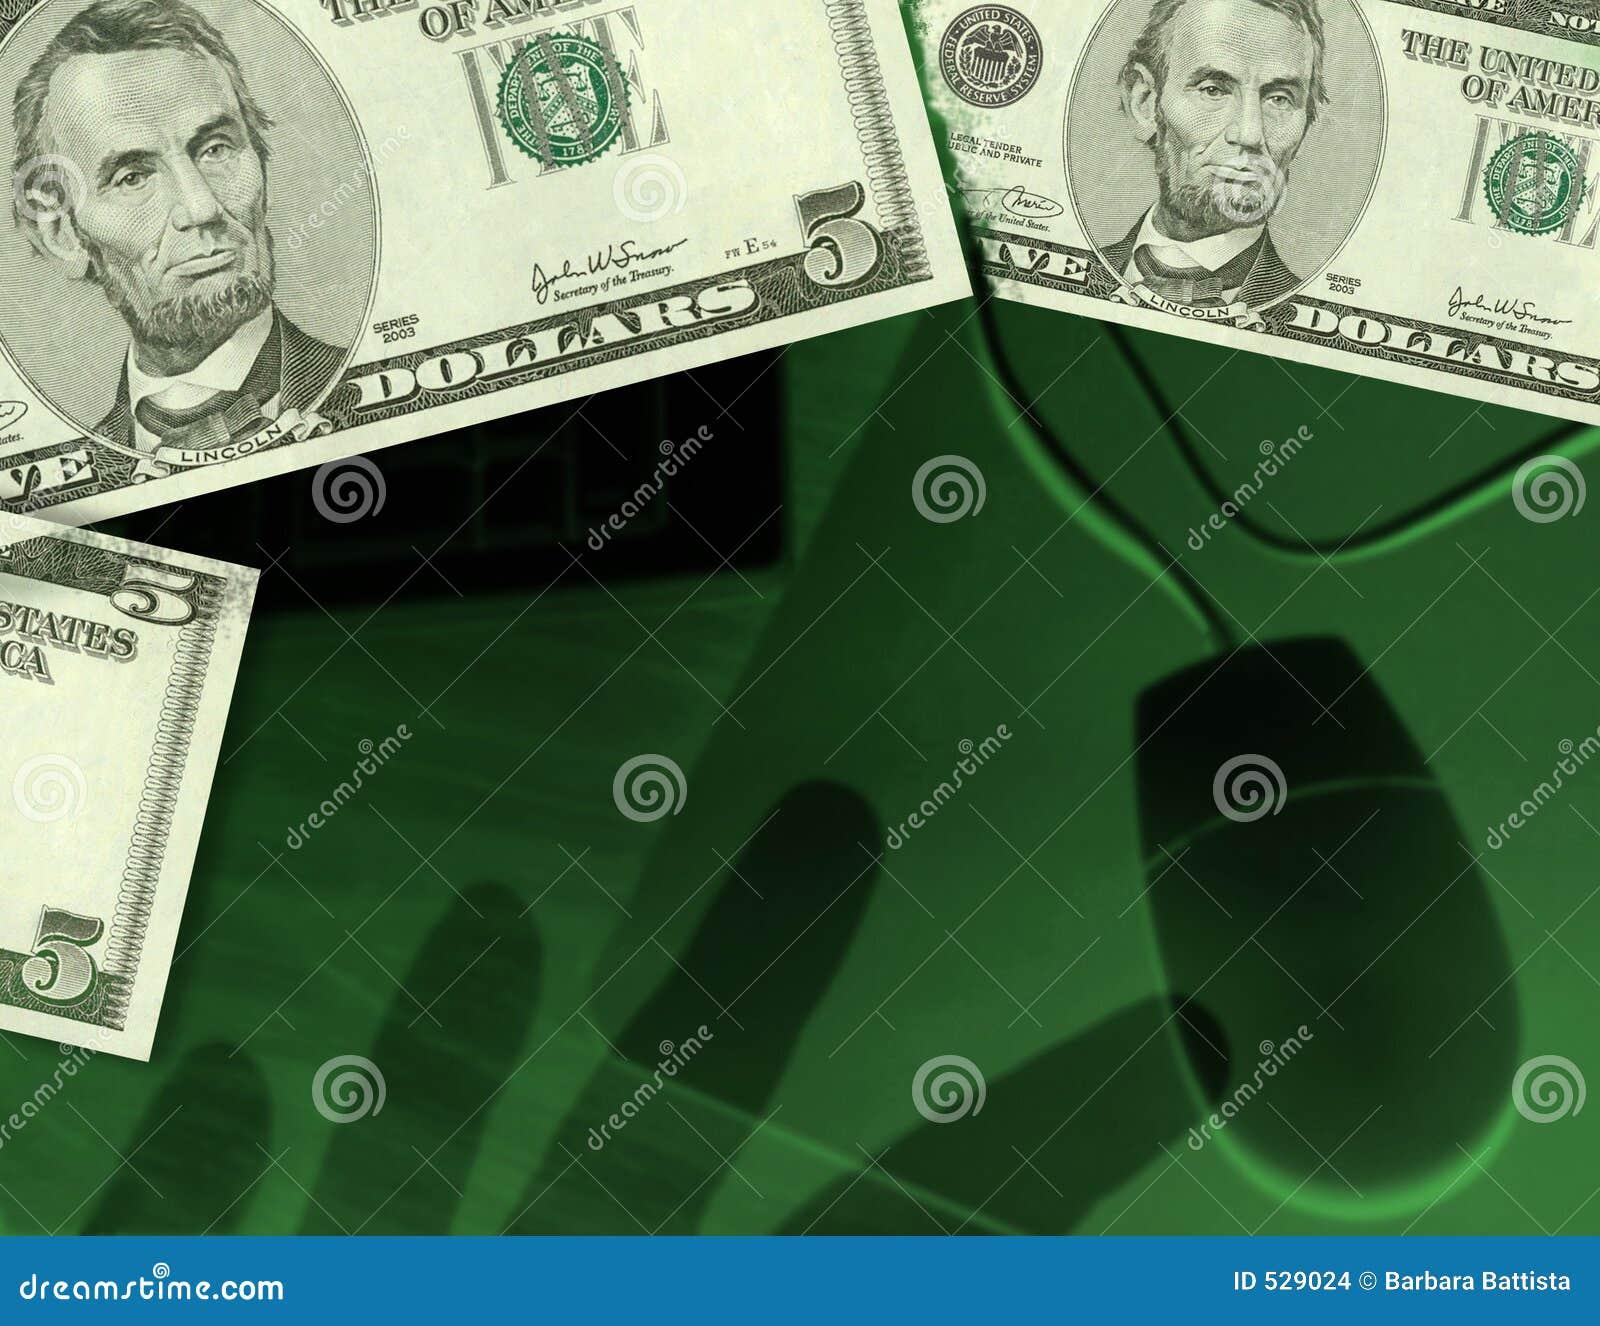 Download 互联网偷窃 库存照片. 图片 包括有 文丐, 费用, 非法, 阿克拉, 憎恨, 抢劫, 贷款, 互联网, 禁止 - 529024